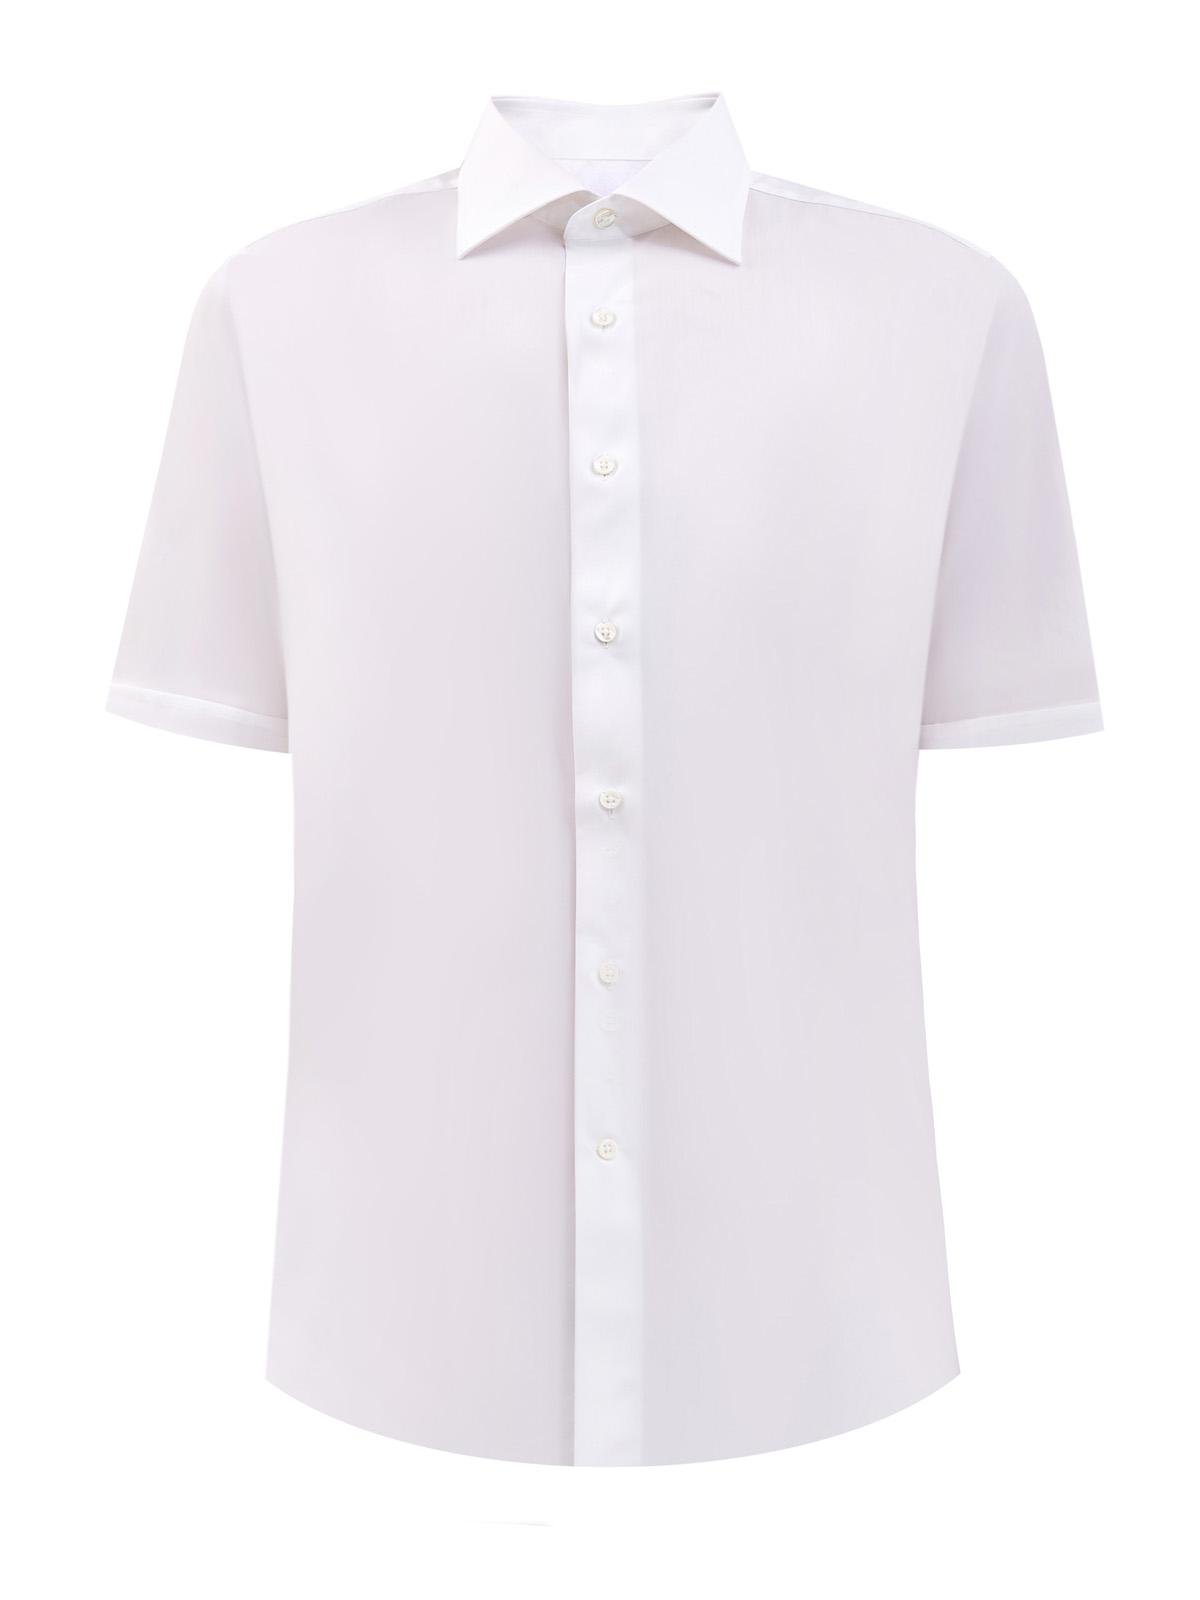 Хлопковая рубашка из ткани Impeccabile с короткими рукавами